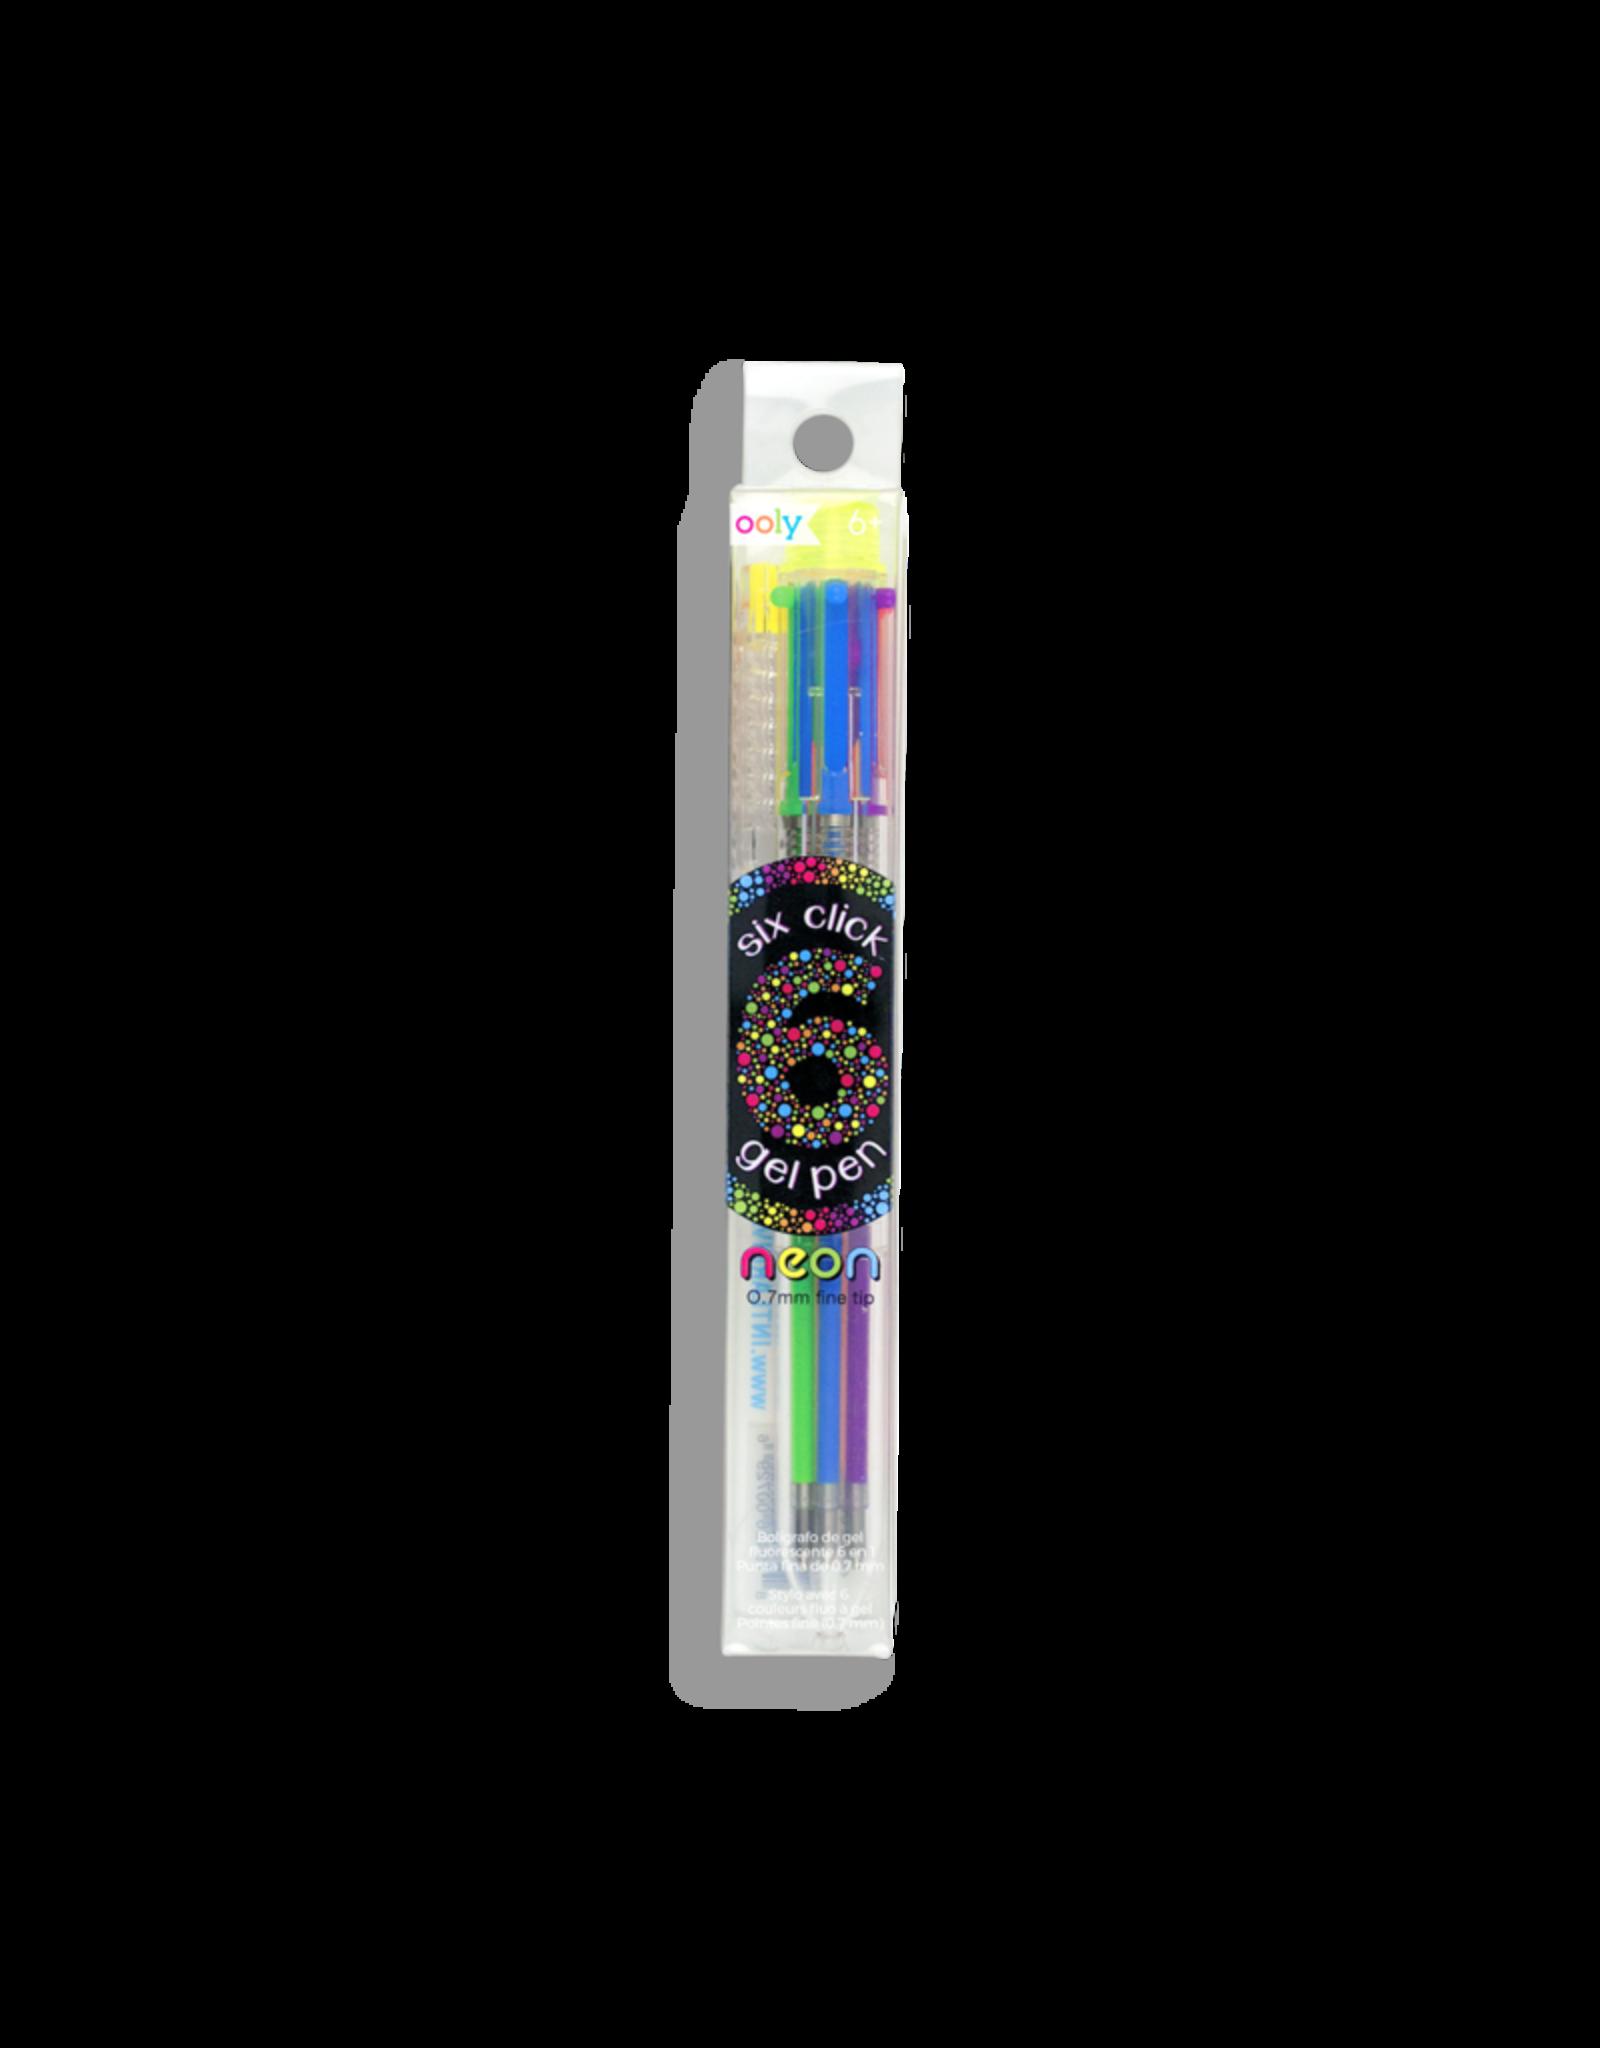 Ooly Neon 6 Click Gel Pen